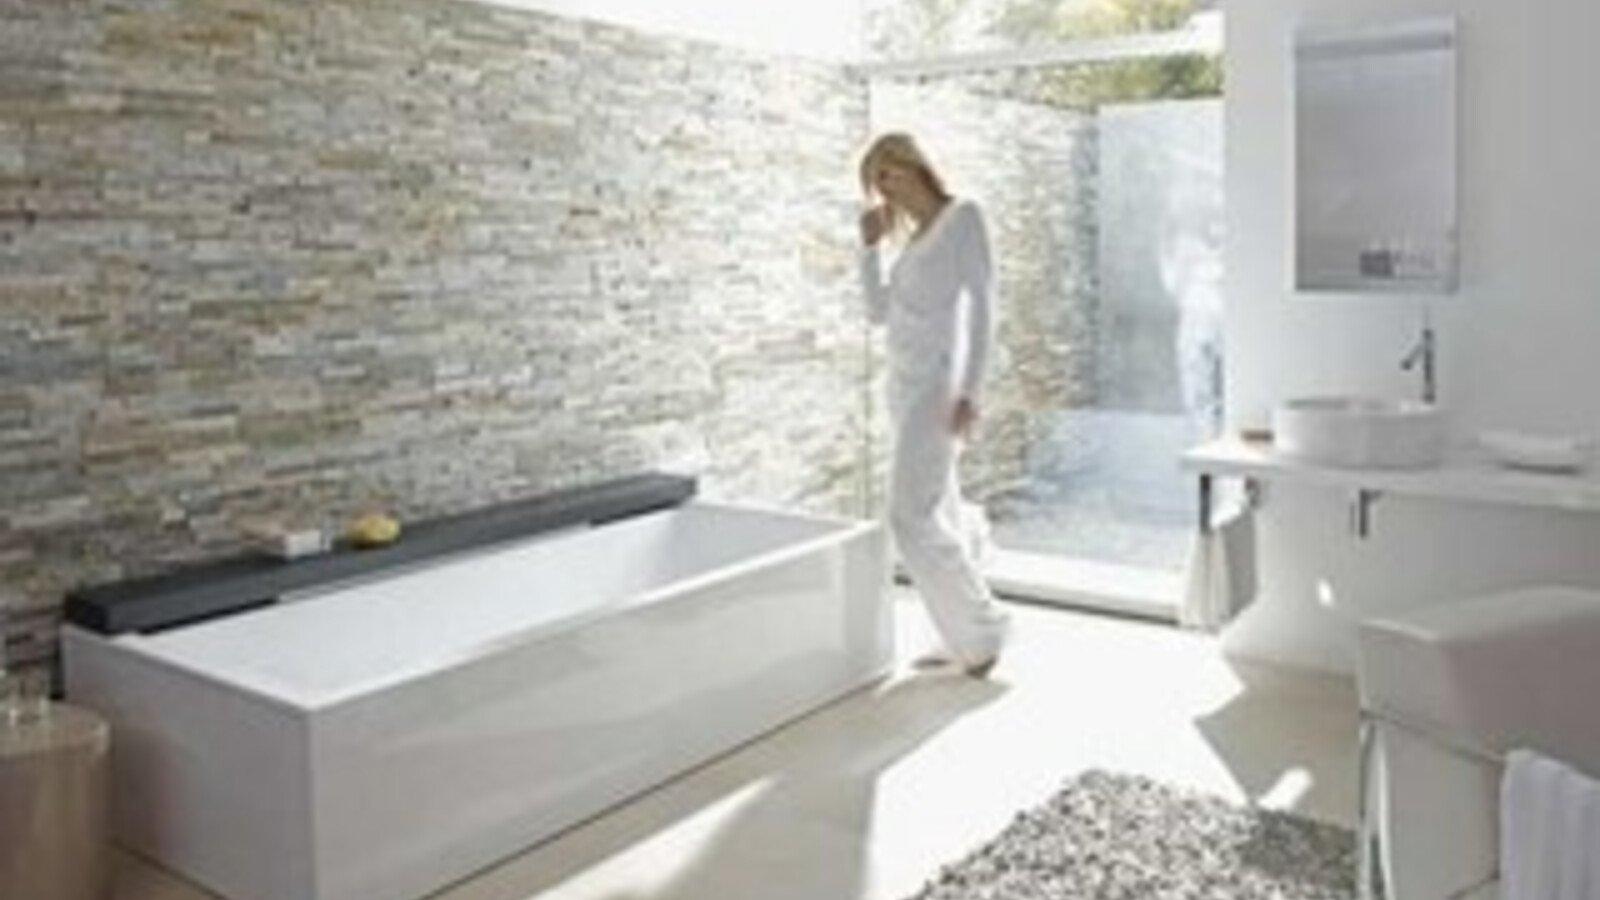 Zelfbouwmarkt - Duravit baden: topkwaliteit & stijlvol design aan ...